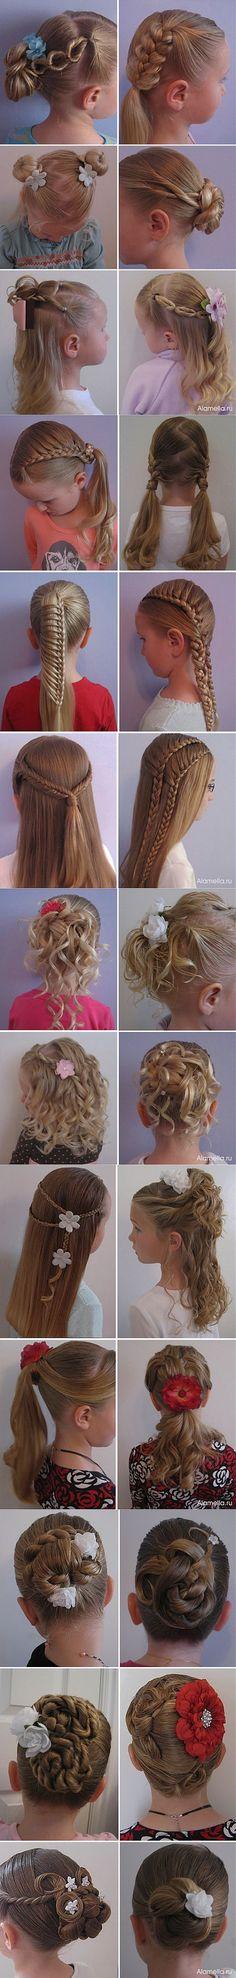 Peinados para niñas.